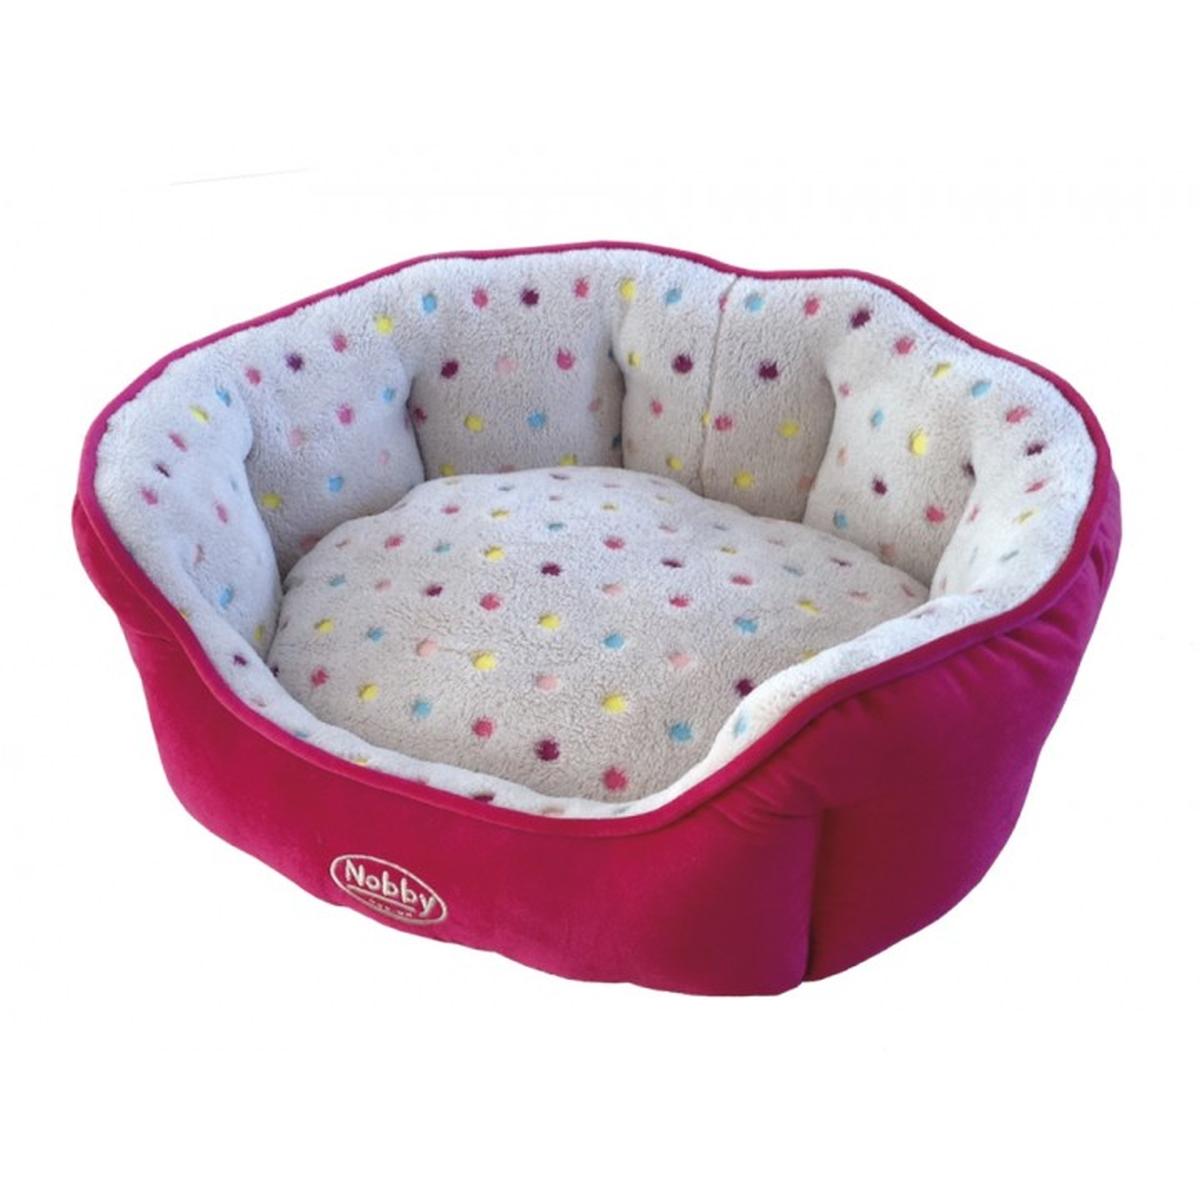 Bed spot roze / licht grijs